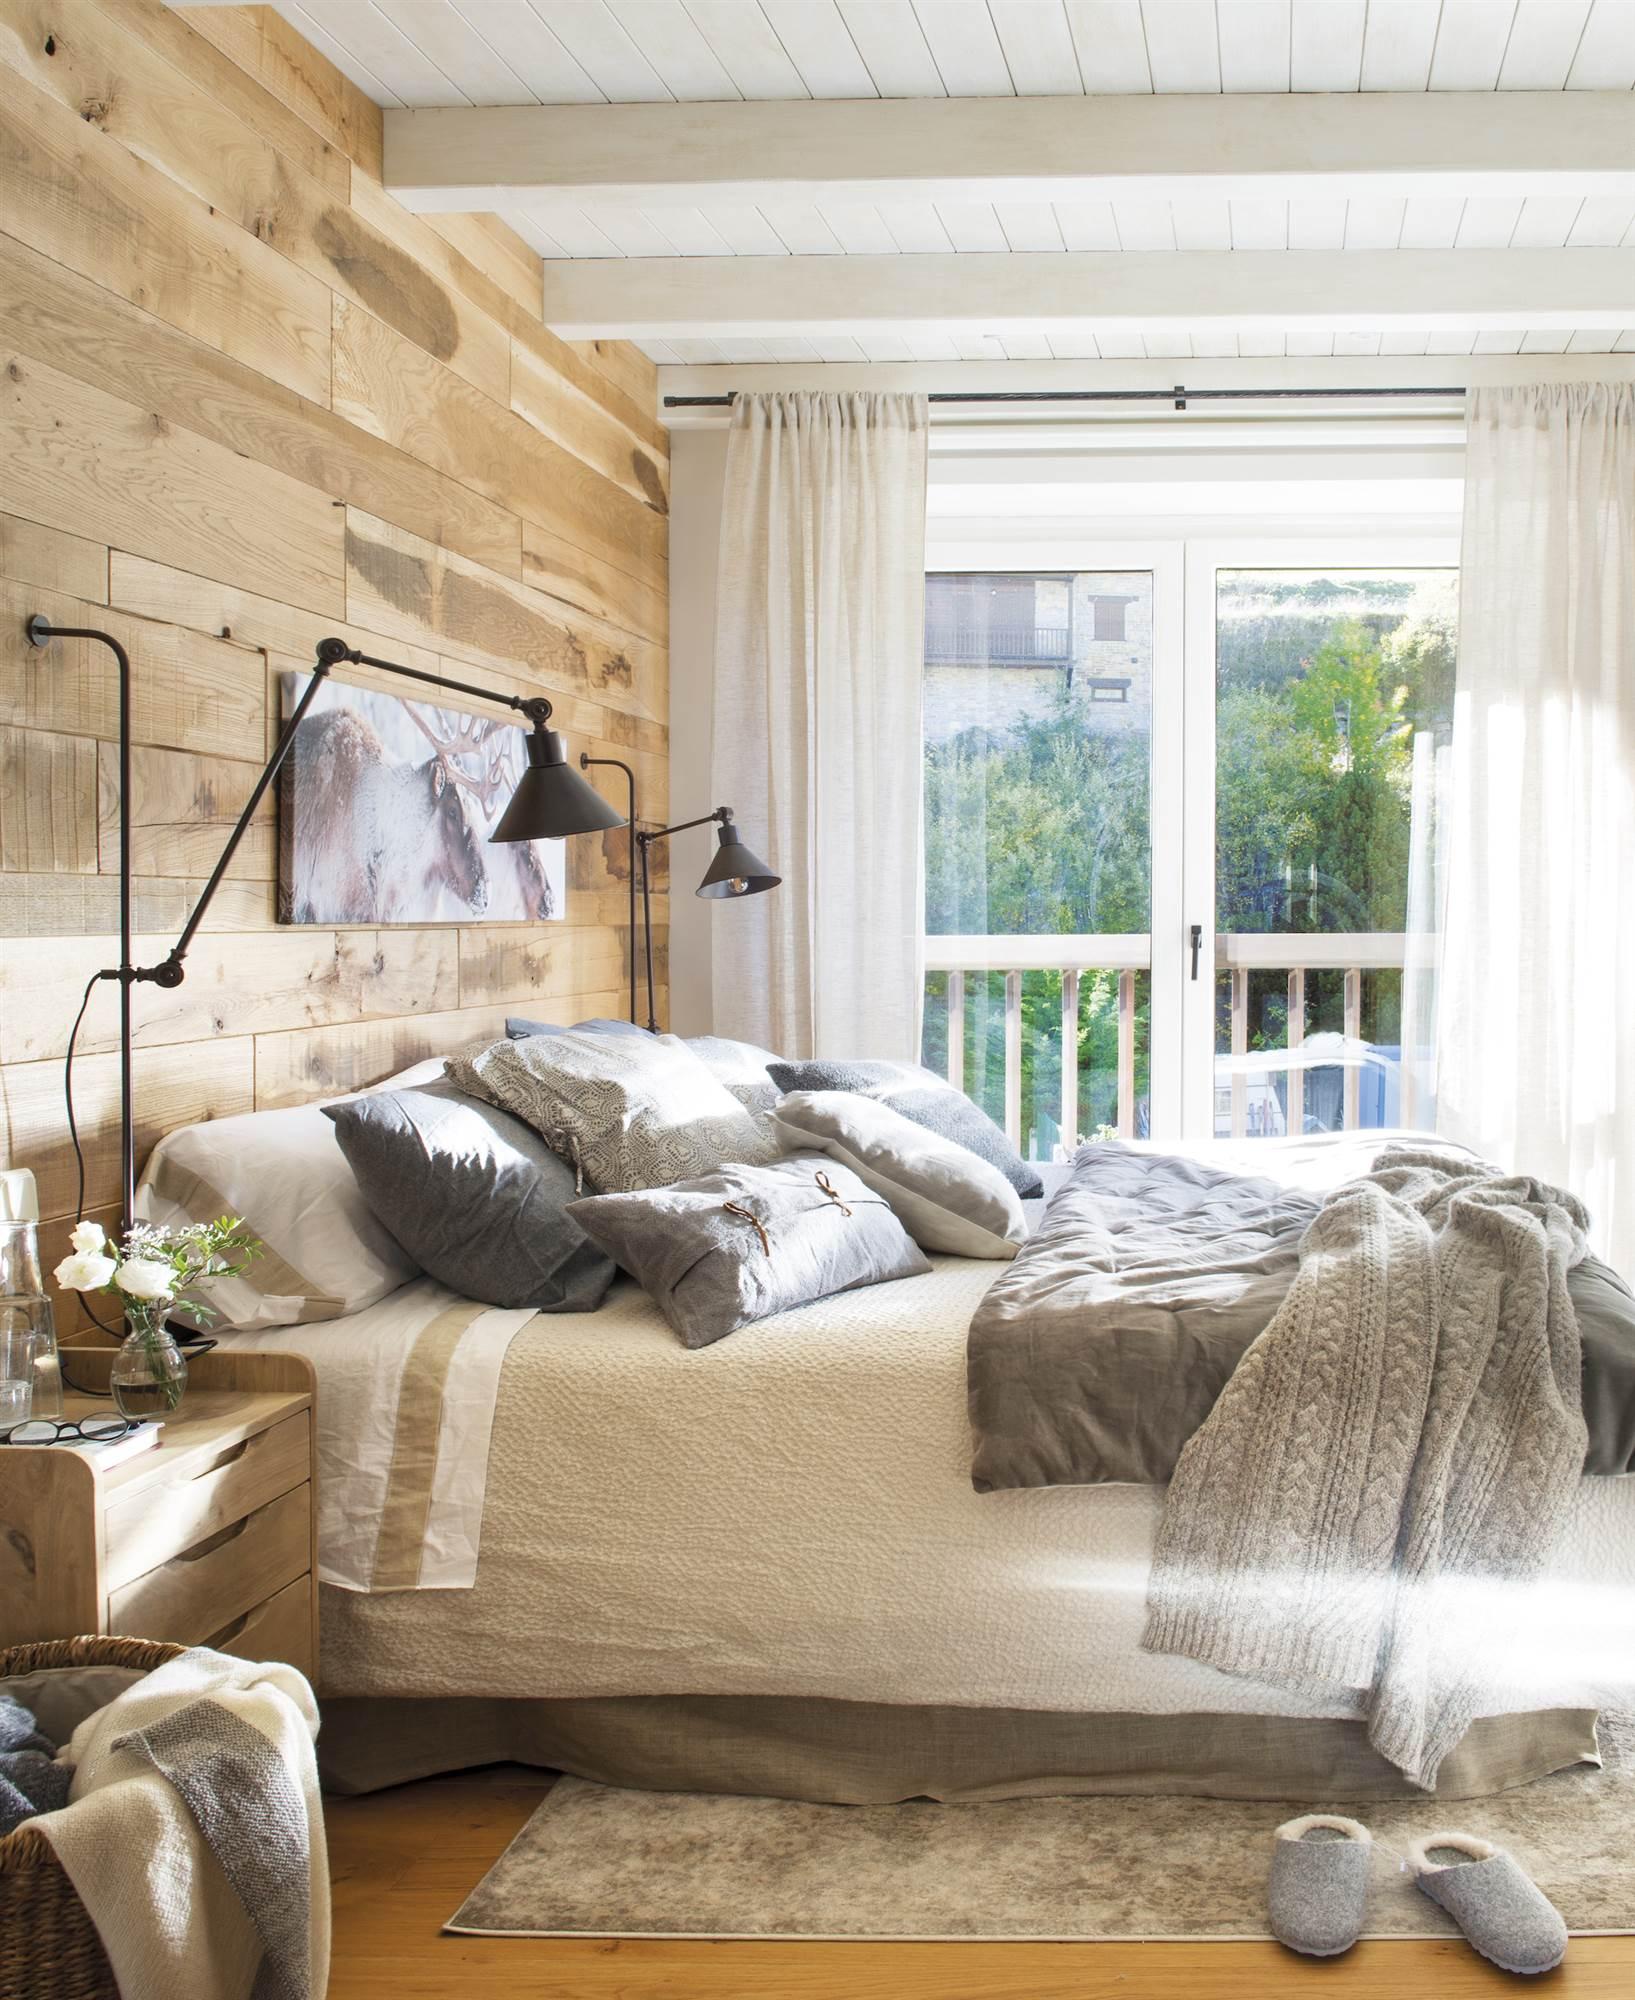 Cabeceros de cama originales Revestimiento para paredes dormitorios